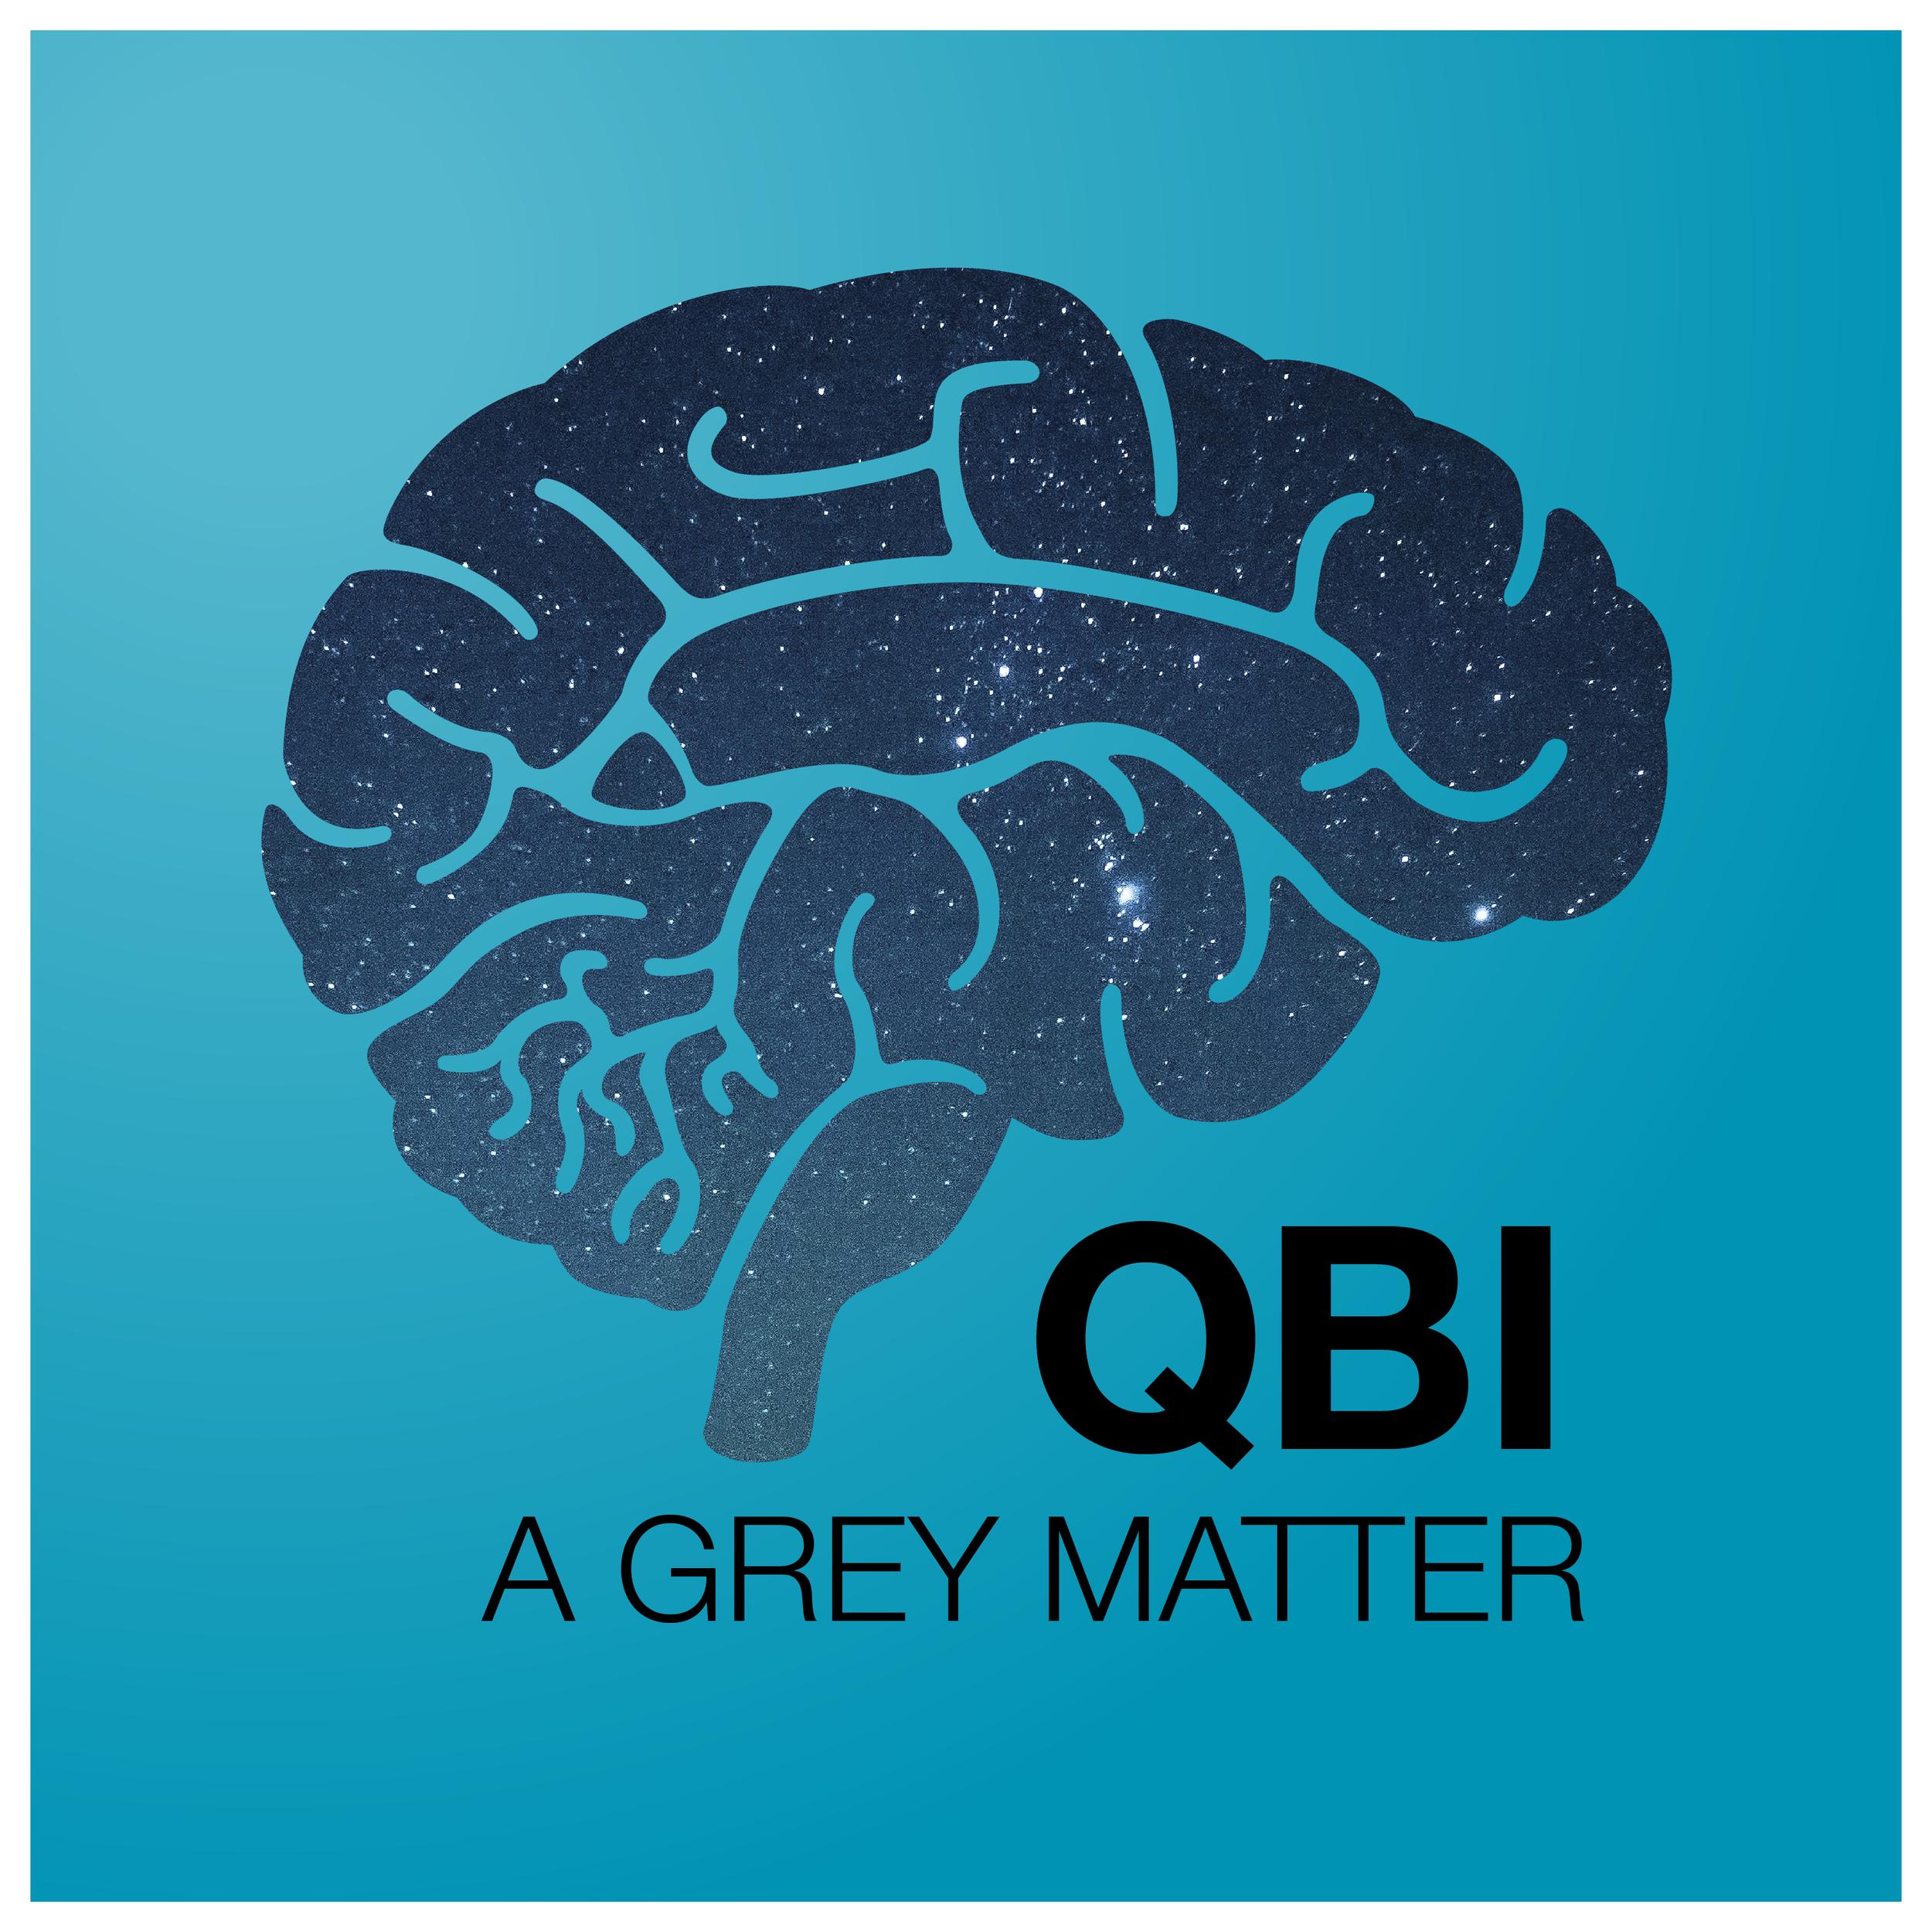 A_Grey_Matter